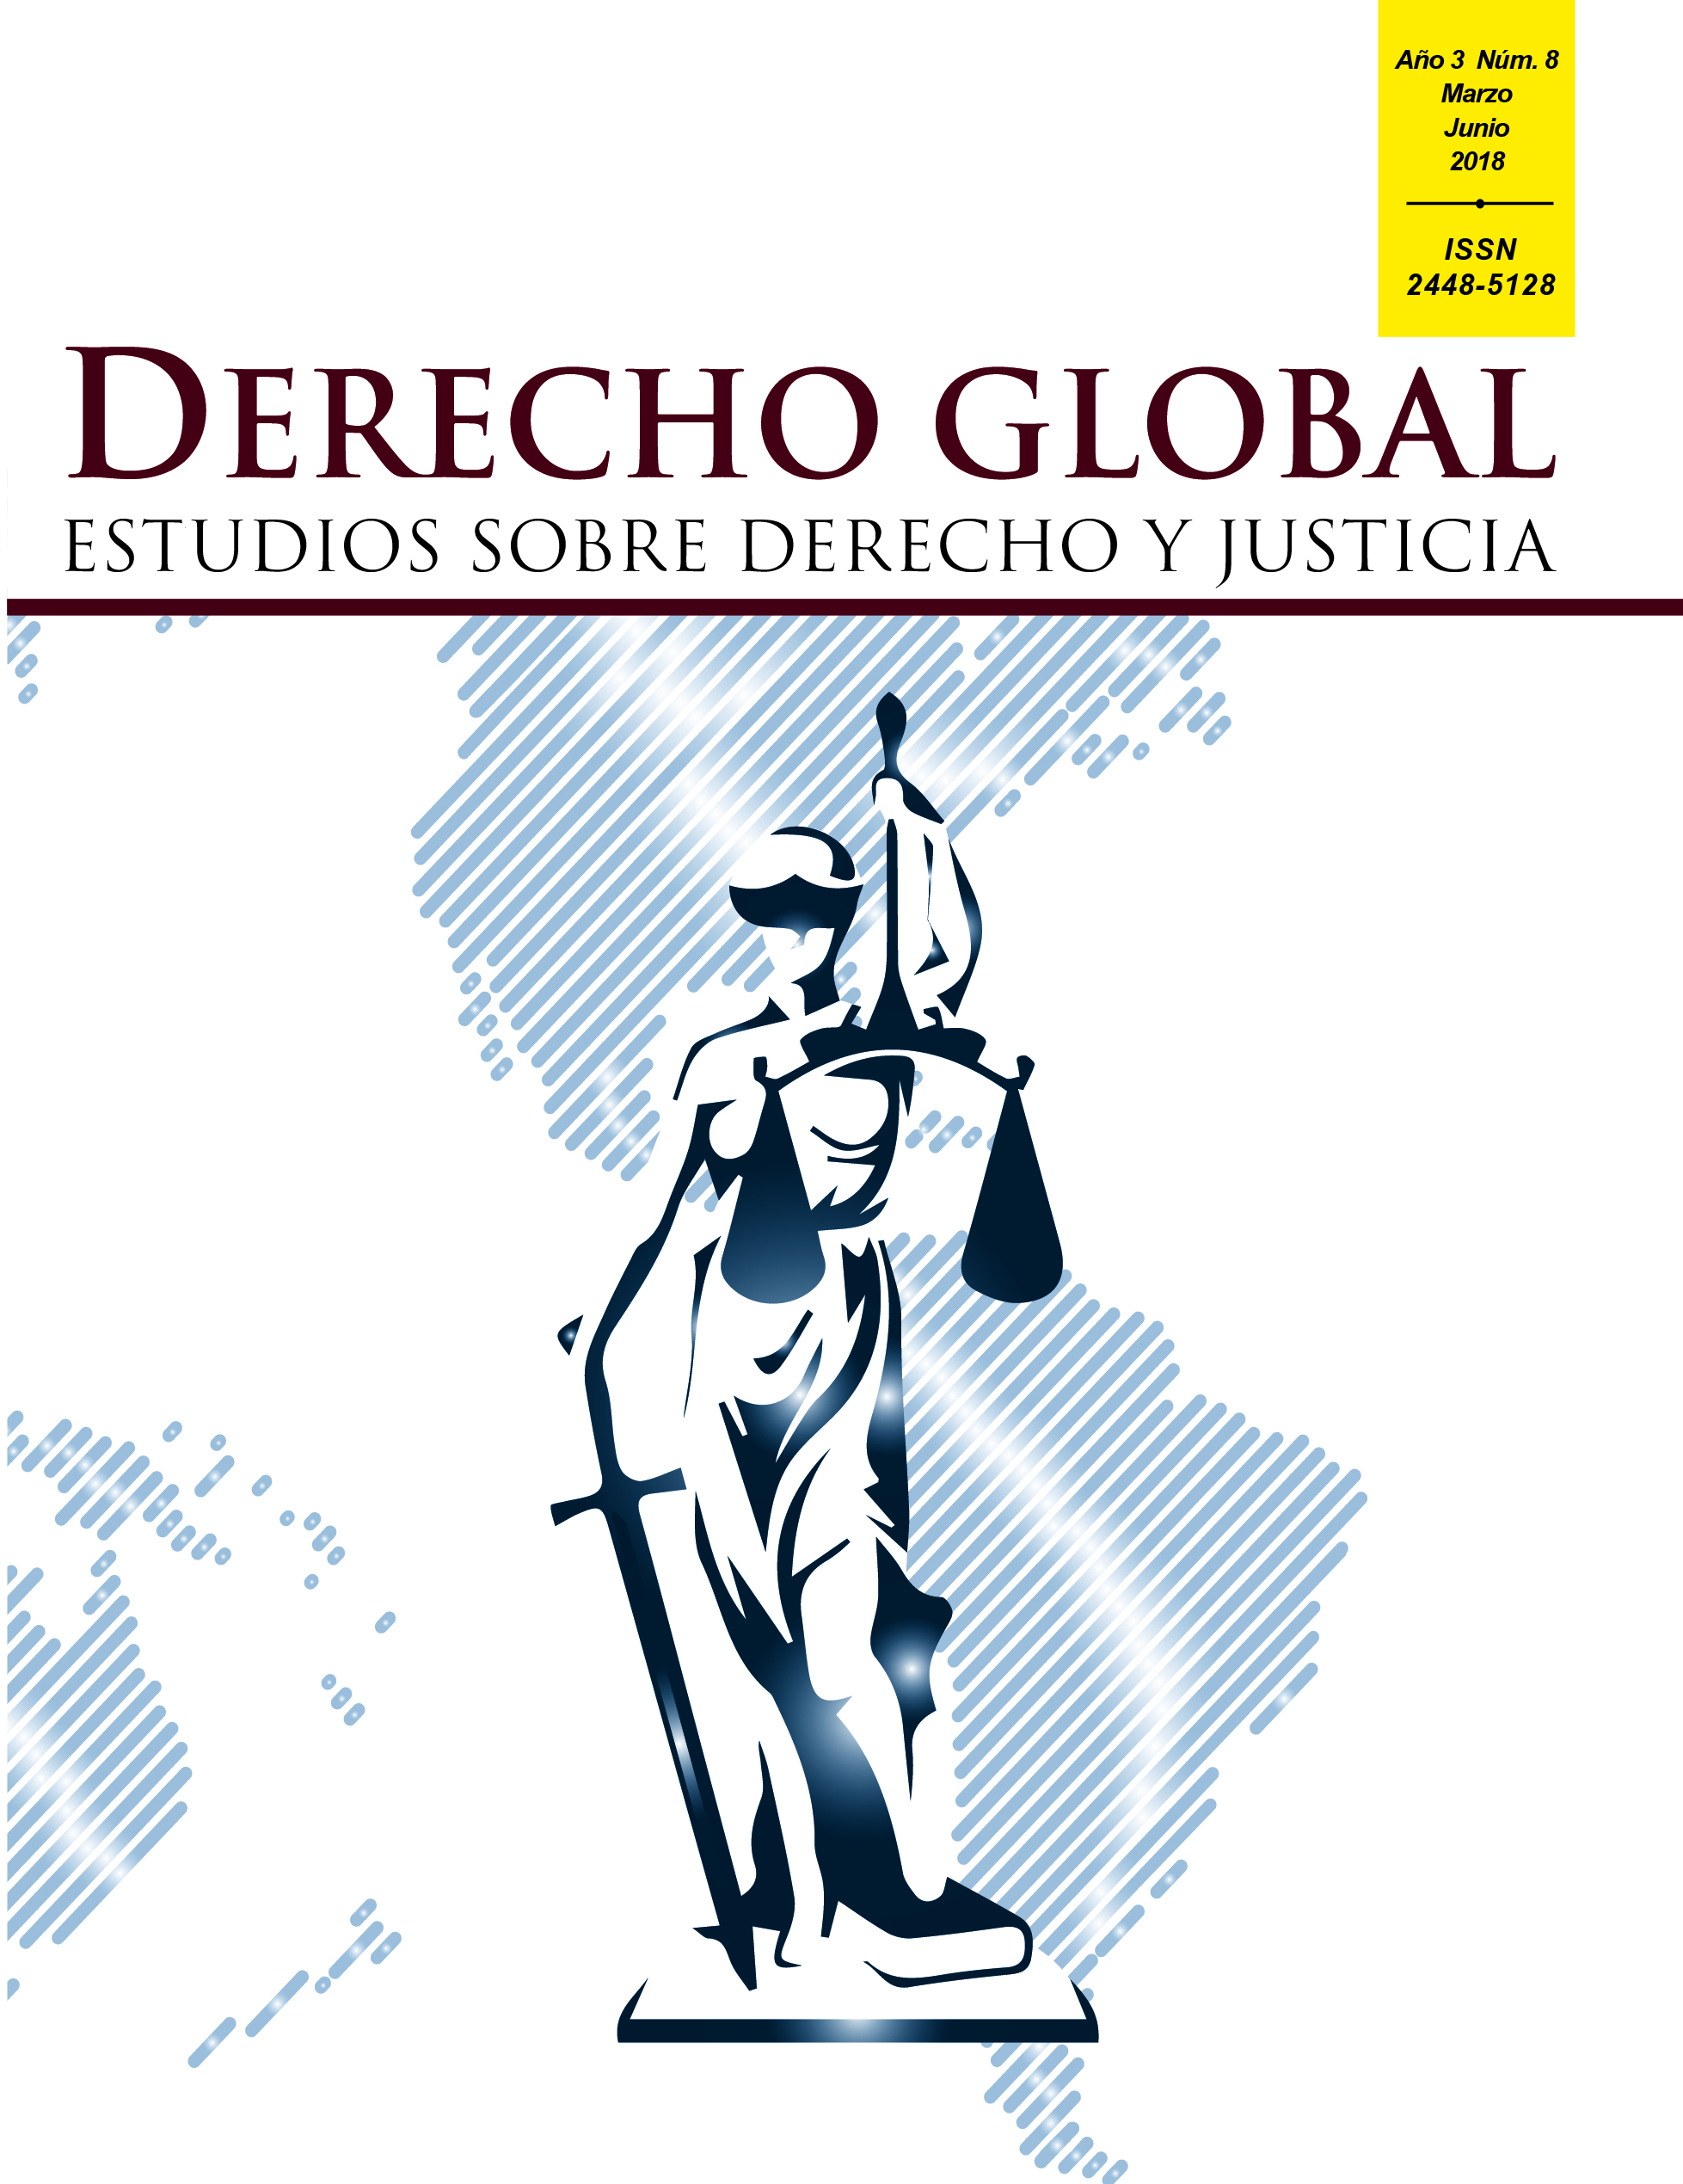 Núm. 8 (2018): Derecho Global. Estudios sobre Derecho y Justicia.